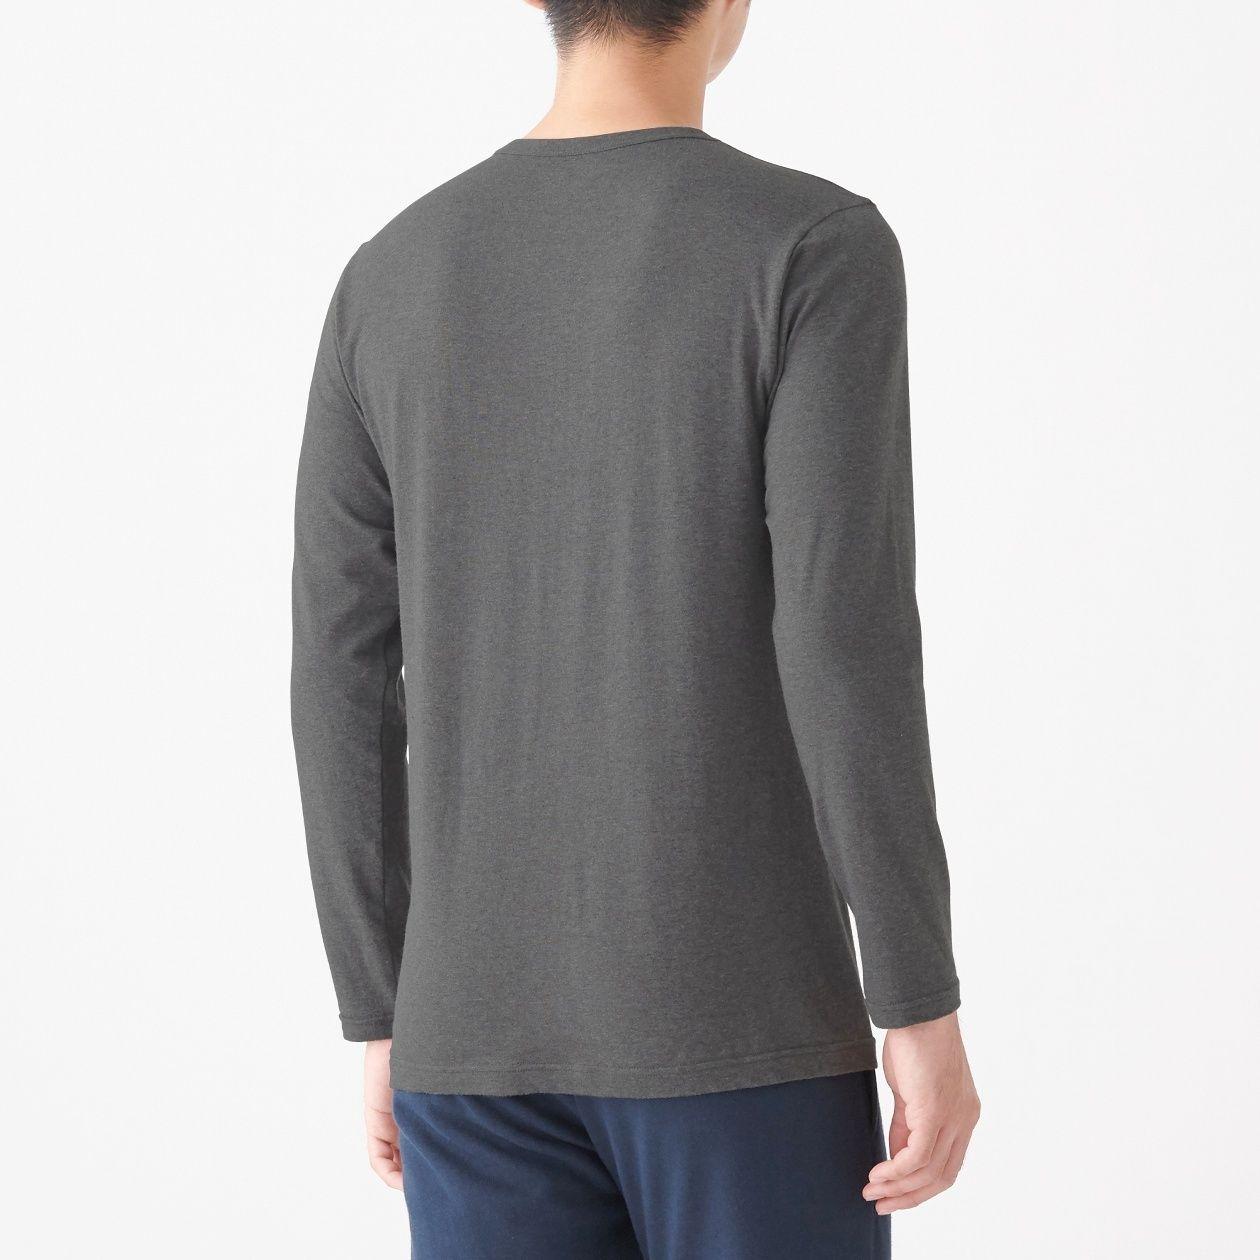 綿であったかクルーネック長袖Tシャツカラー写真01